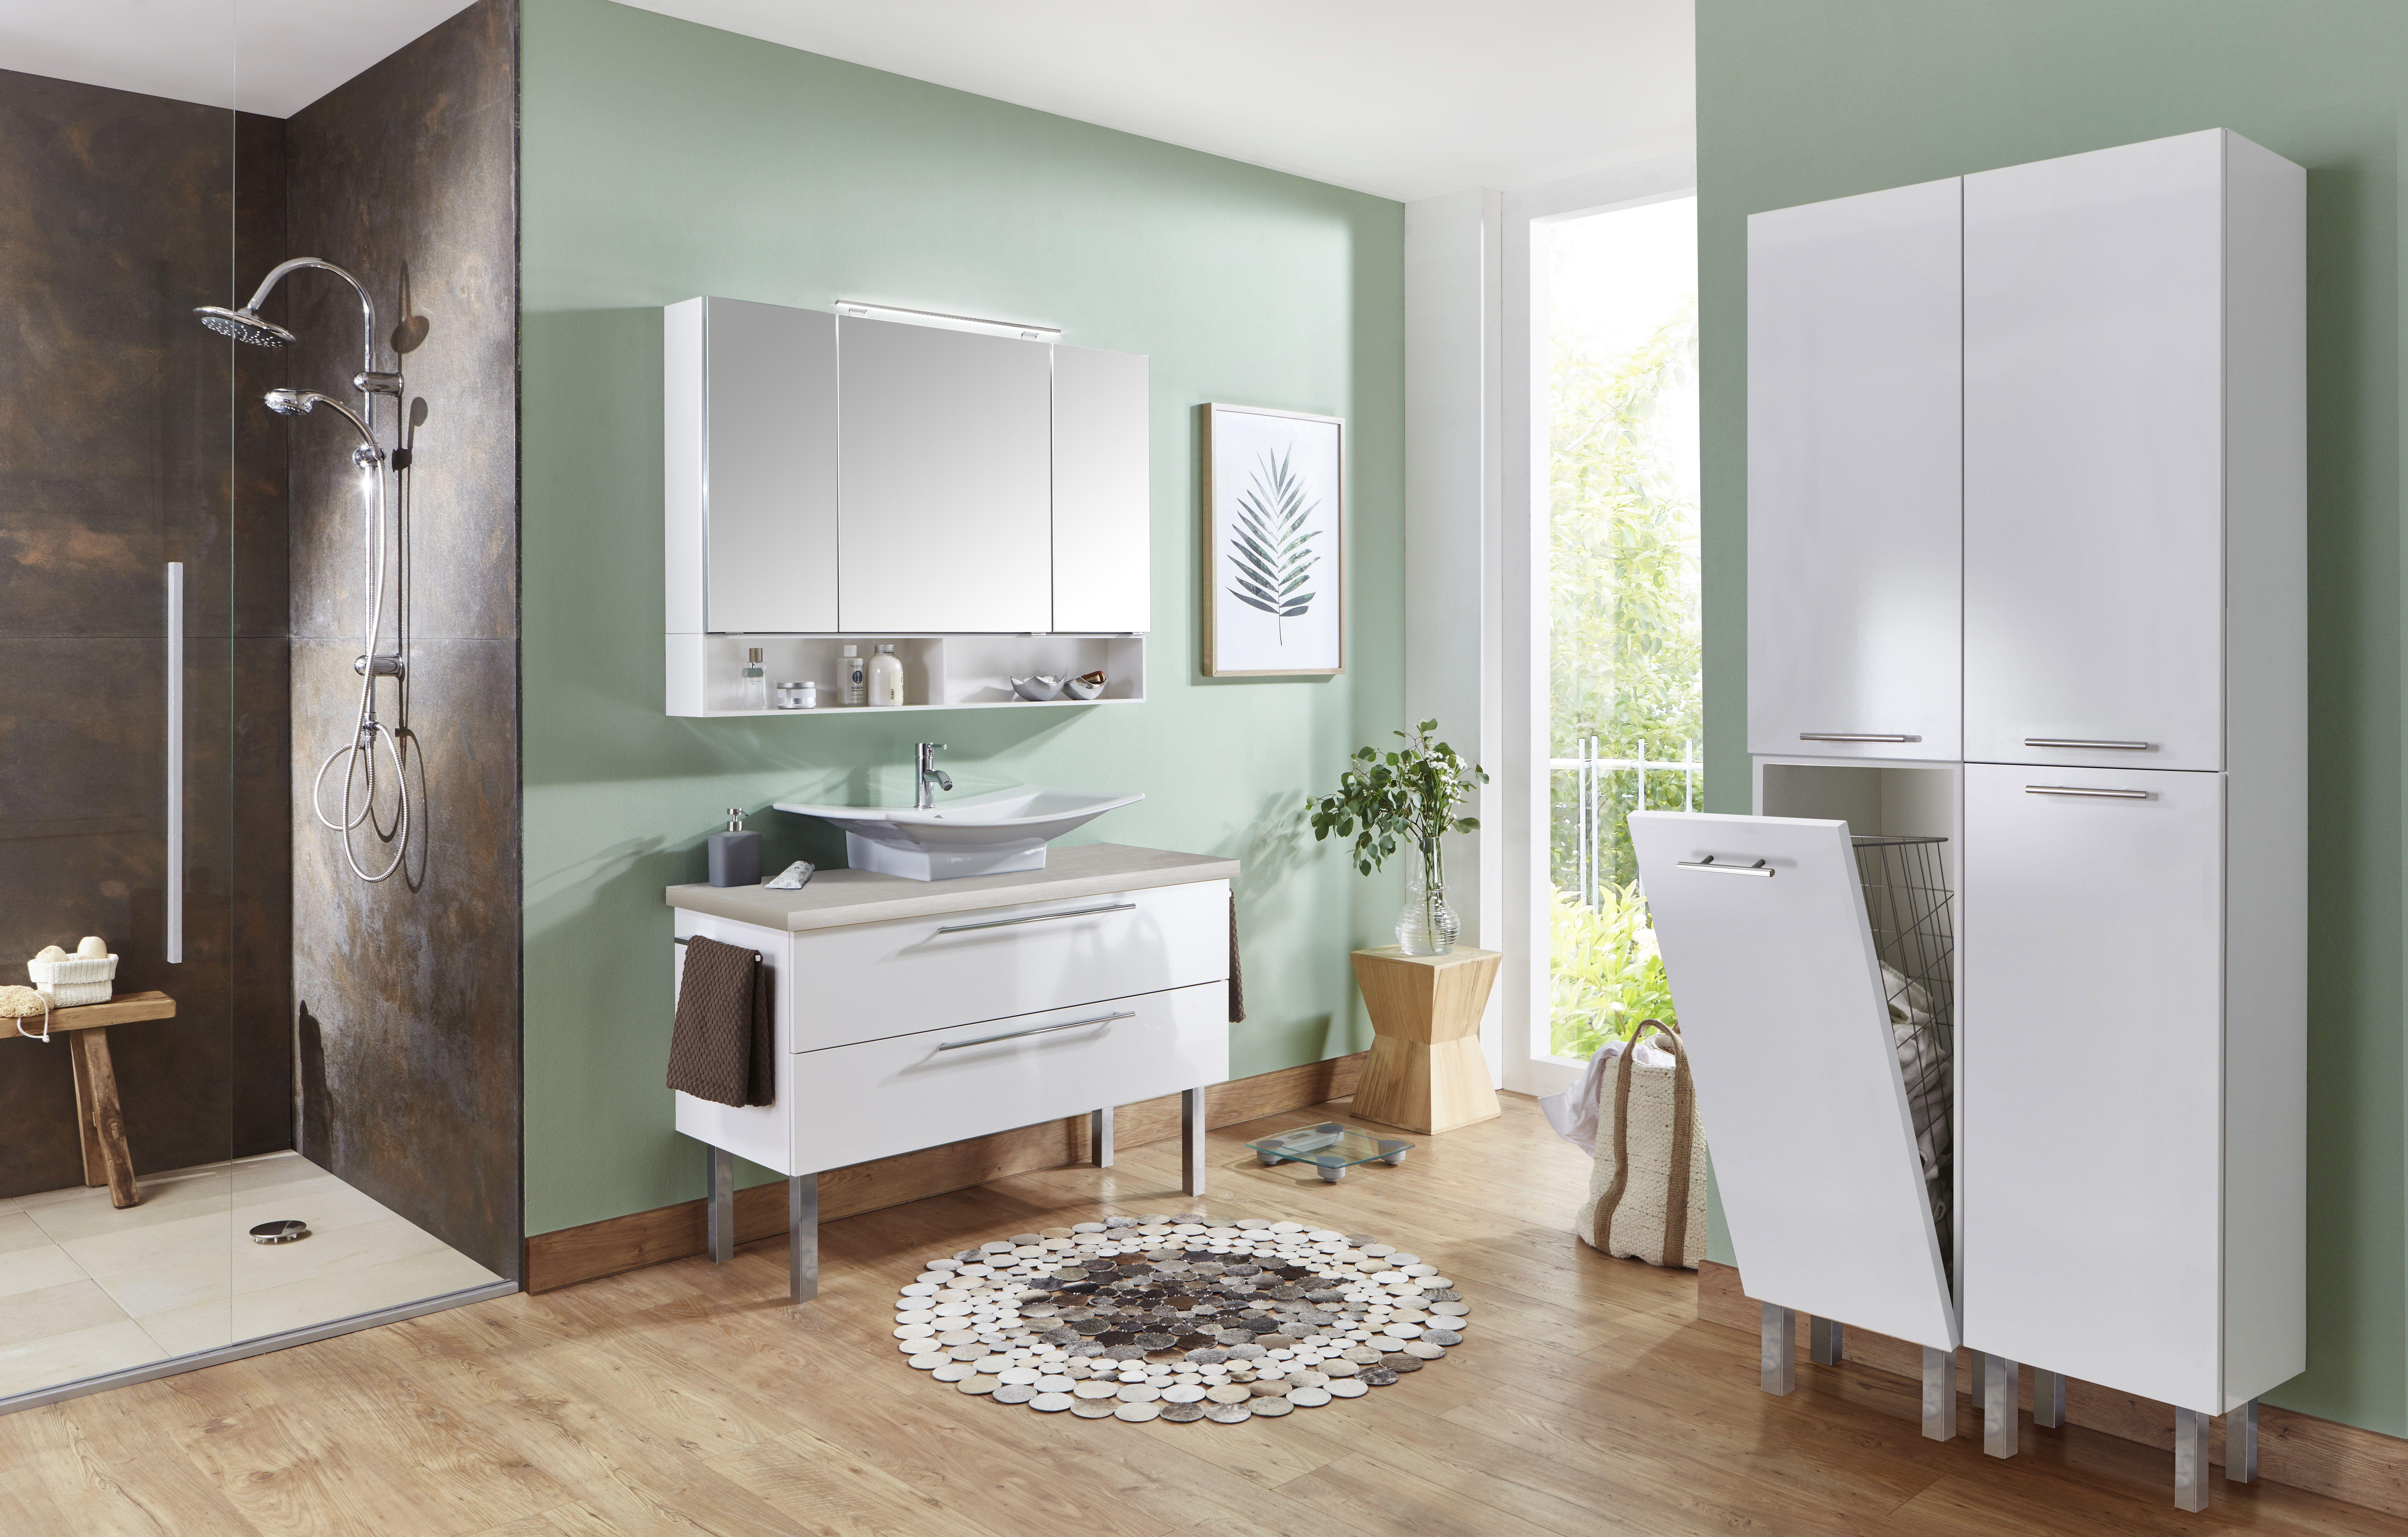 marlin bad 3110 spiegelschrank 120 cm breit salf12. Black Bedroom Furniture Sets. Home Design Ideas